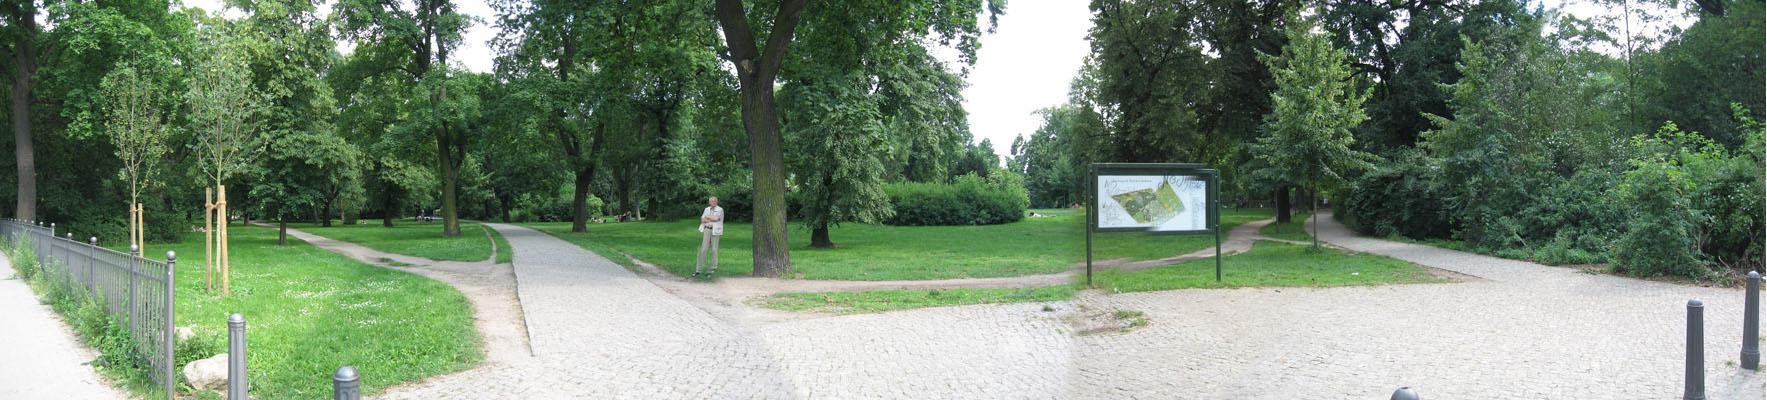 Volkspark Friedrichhain Laufroute von Carsten Schlangen